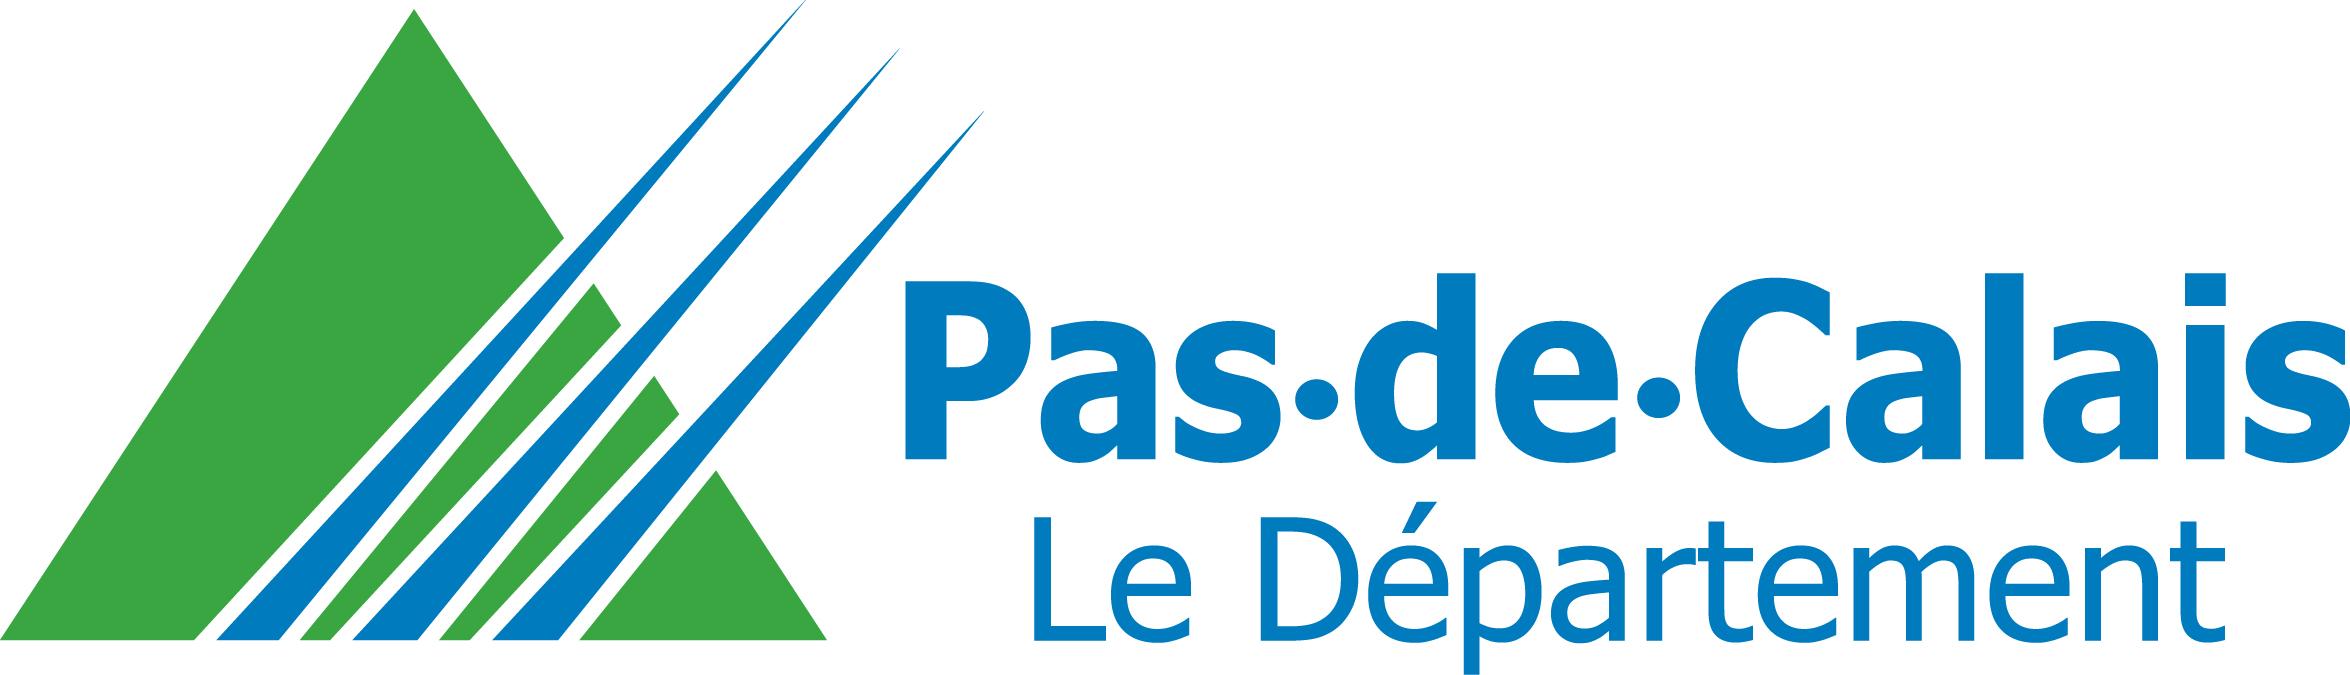 La « Bonne rentrée » vue par le Conseil Départemental du Pas de Calais